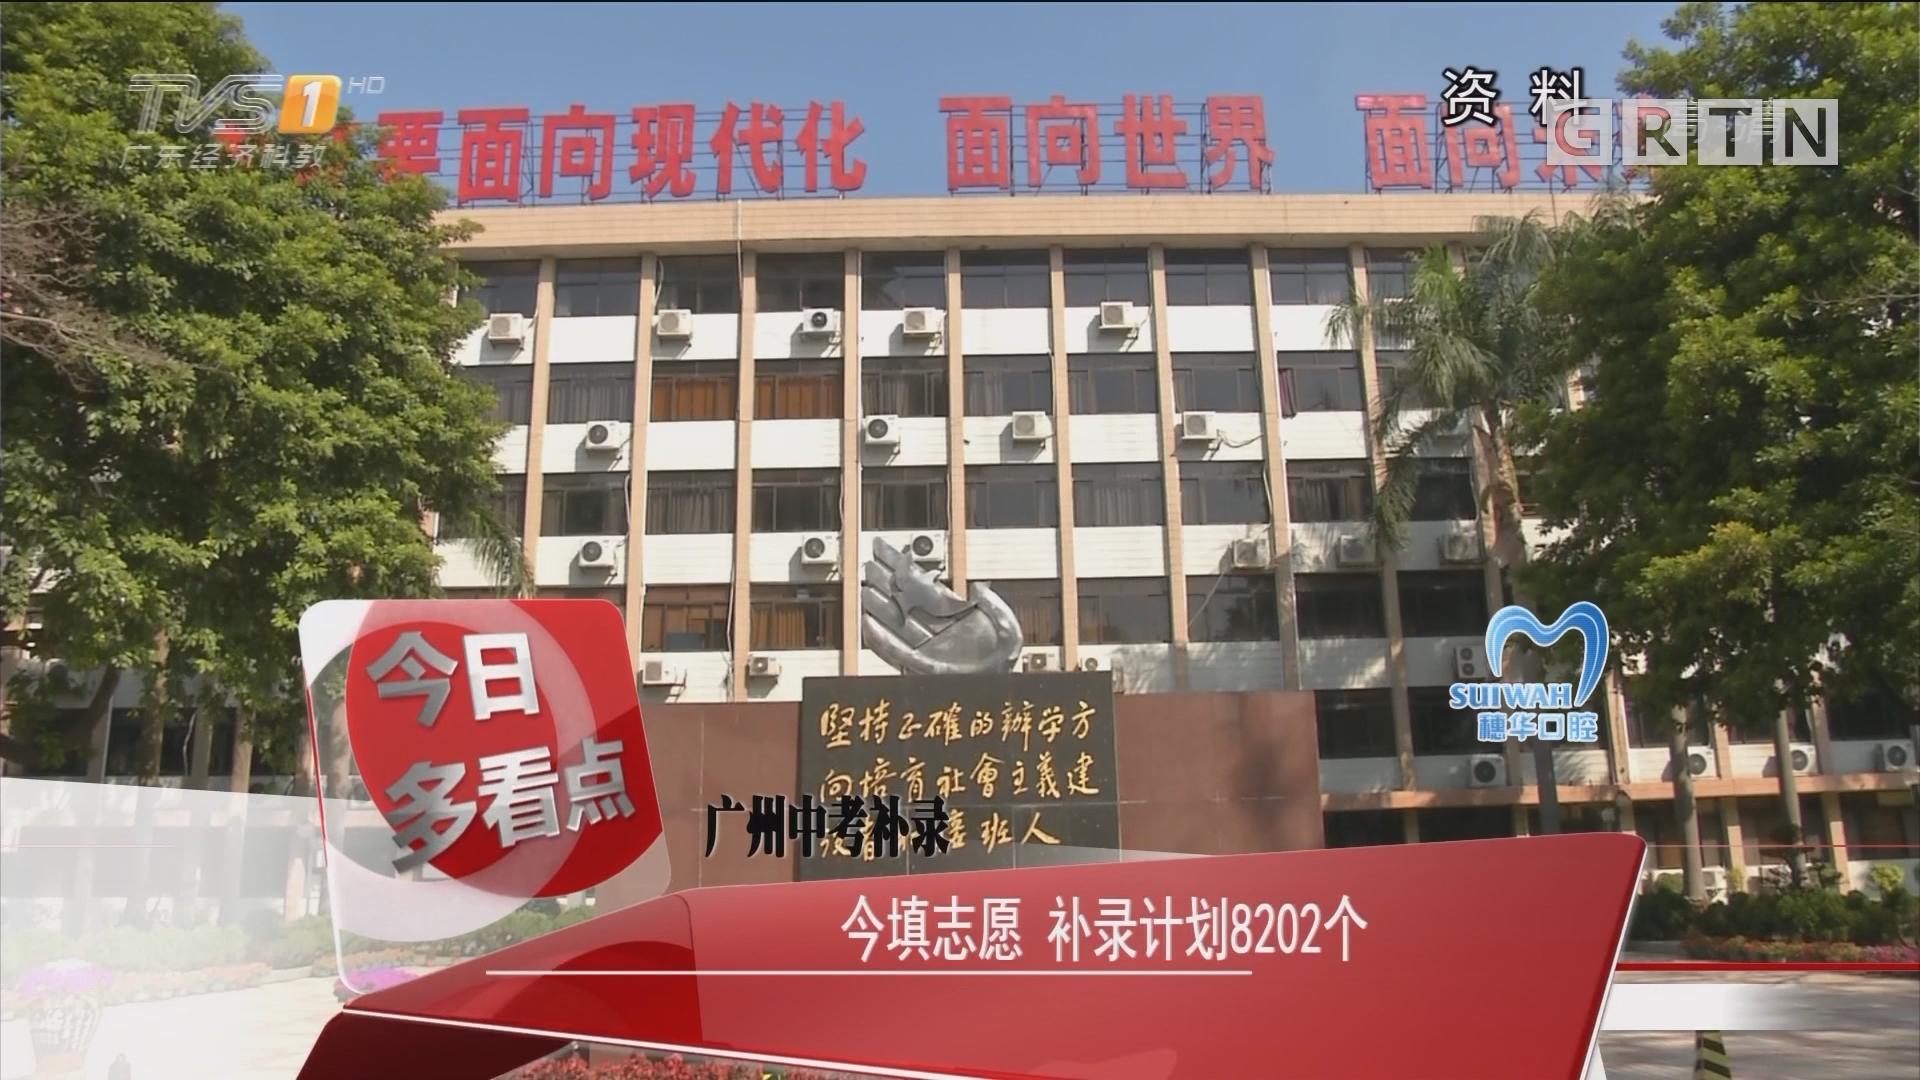 广州中考补录:今填志愿 补录计划8202个